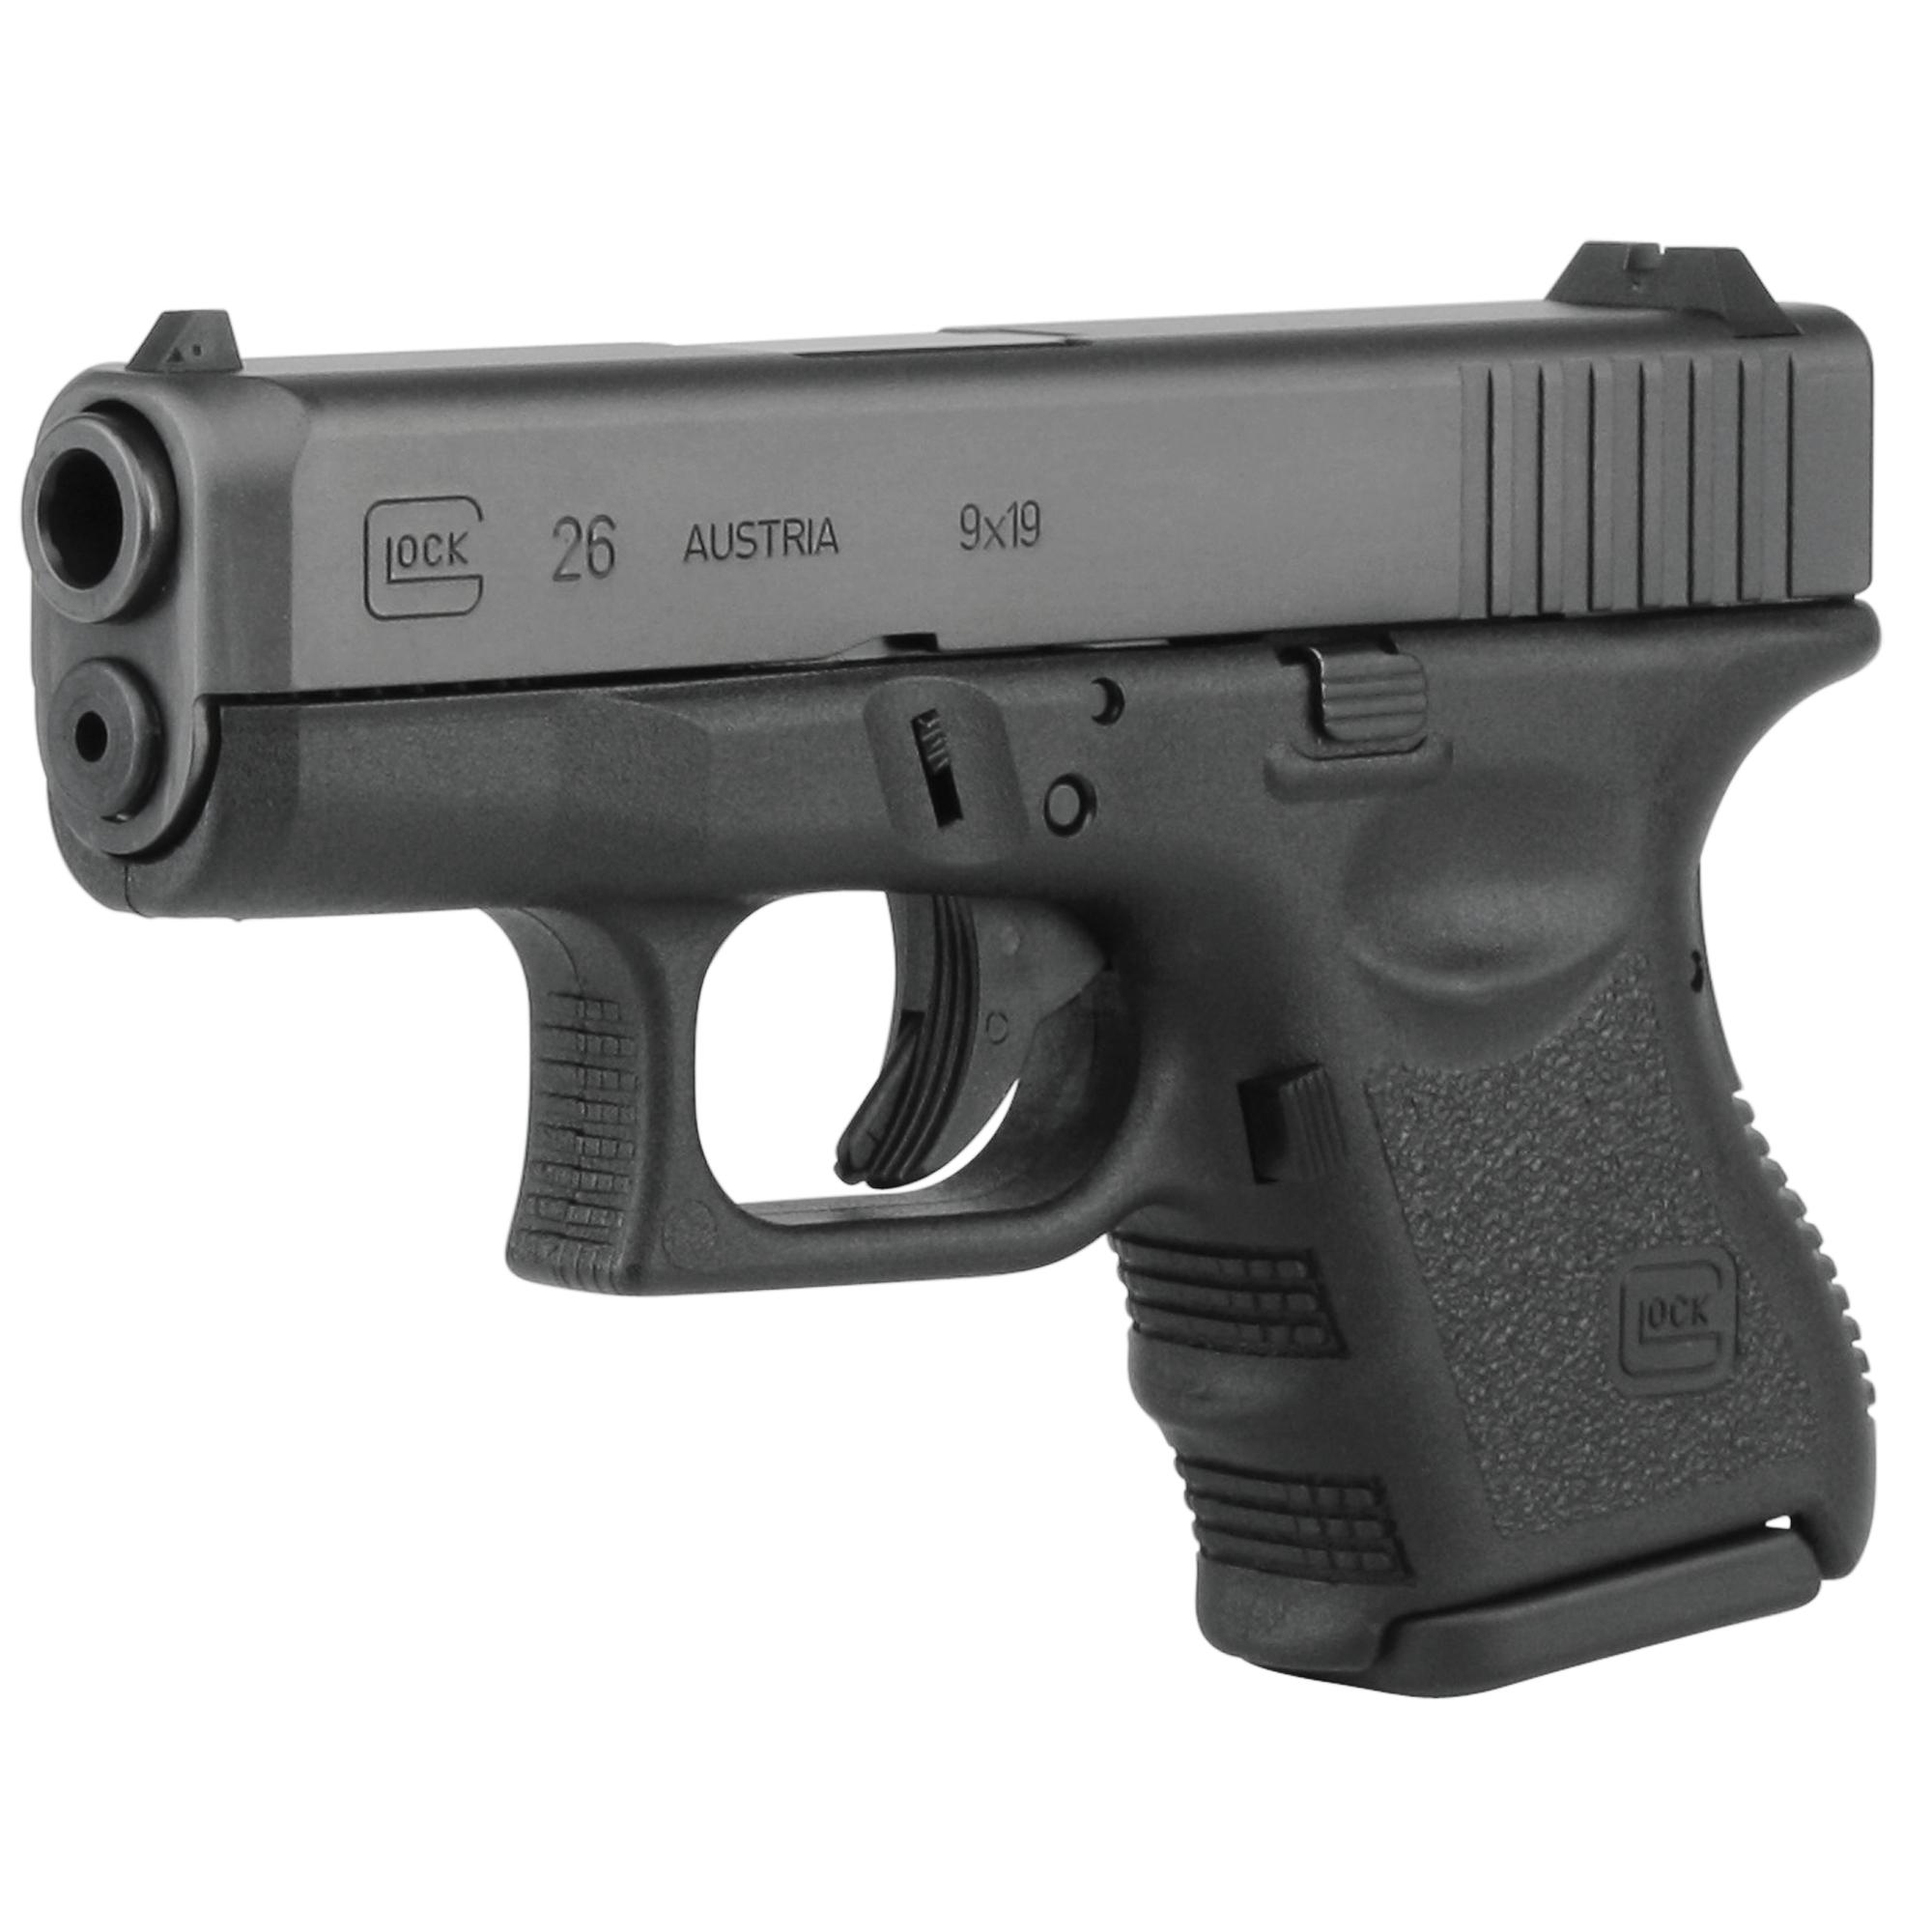 Glock 26 9mm 10rd Fxd 5lb Rebuilt